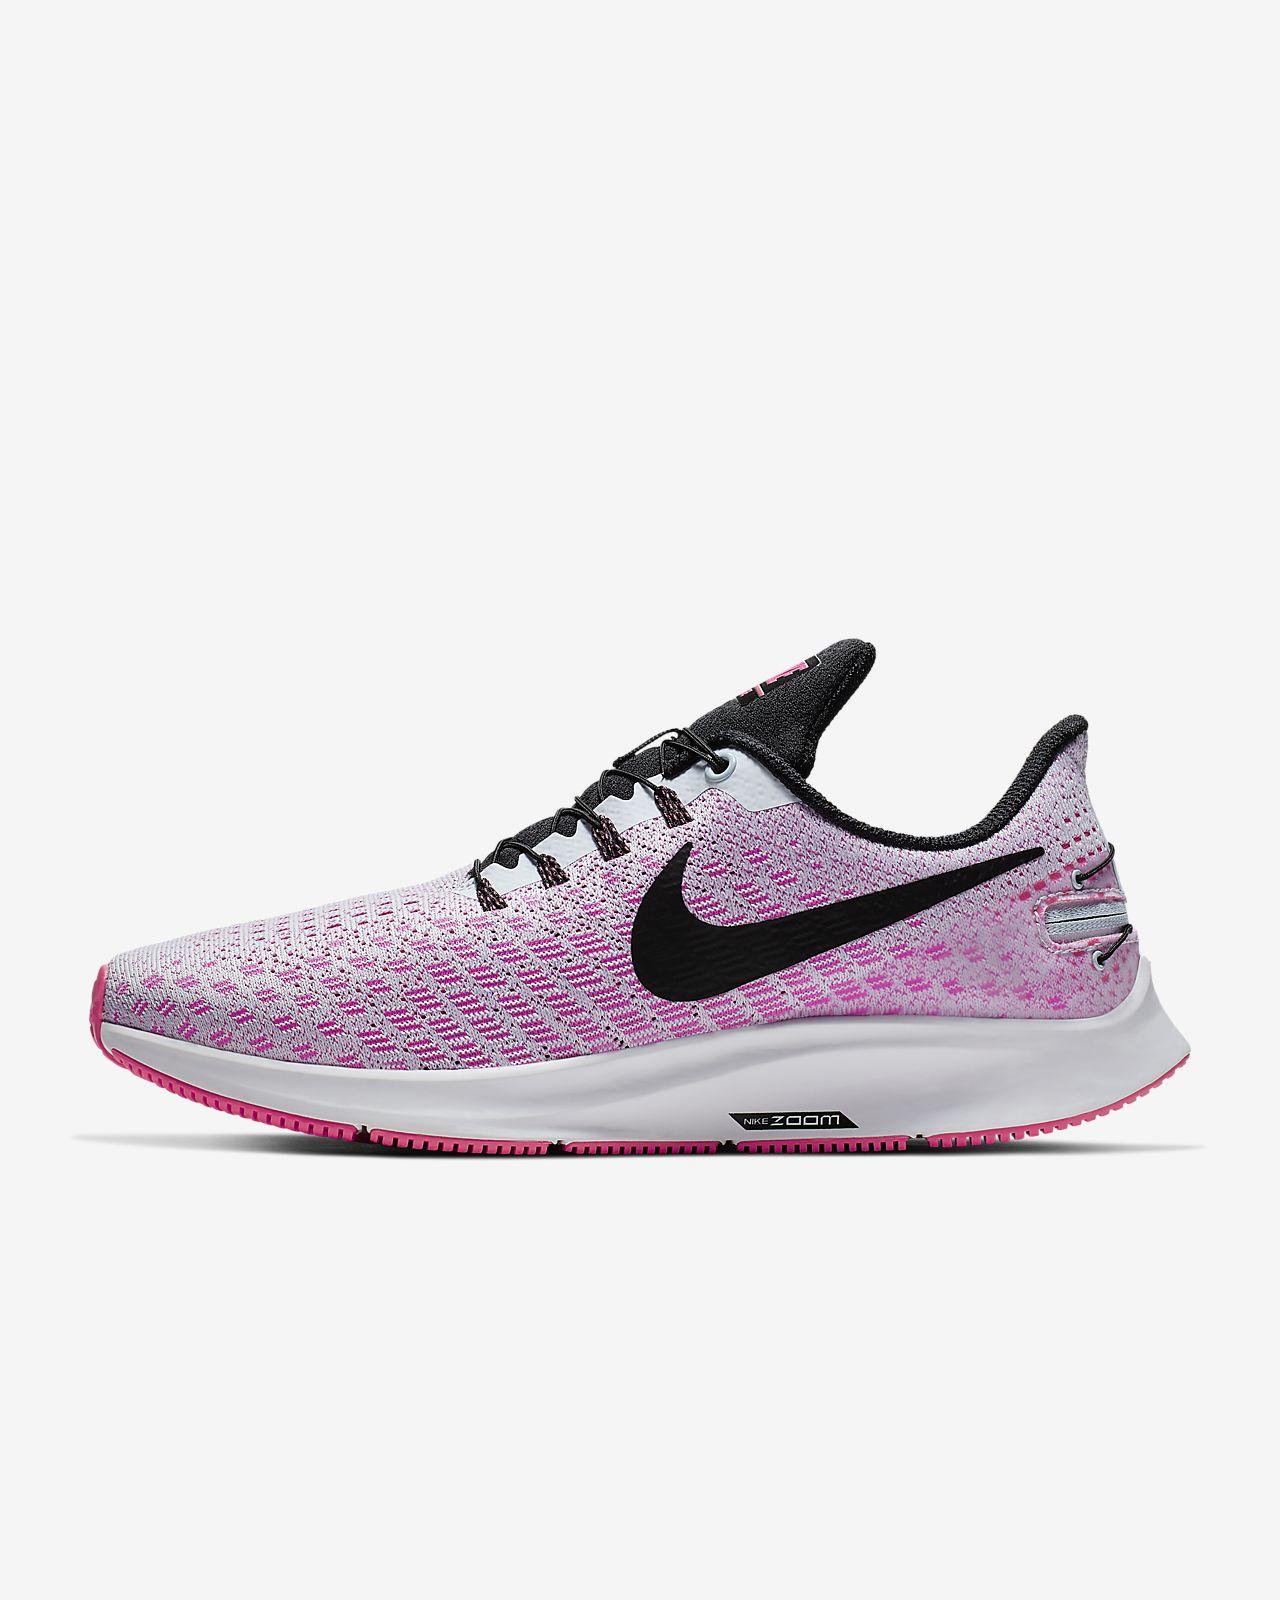 Γυναικείο παπούτσι για τρέξιμο Nike Air Zoom Pegasus 35 FlyEase (φαρδύ)